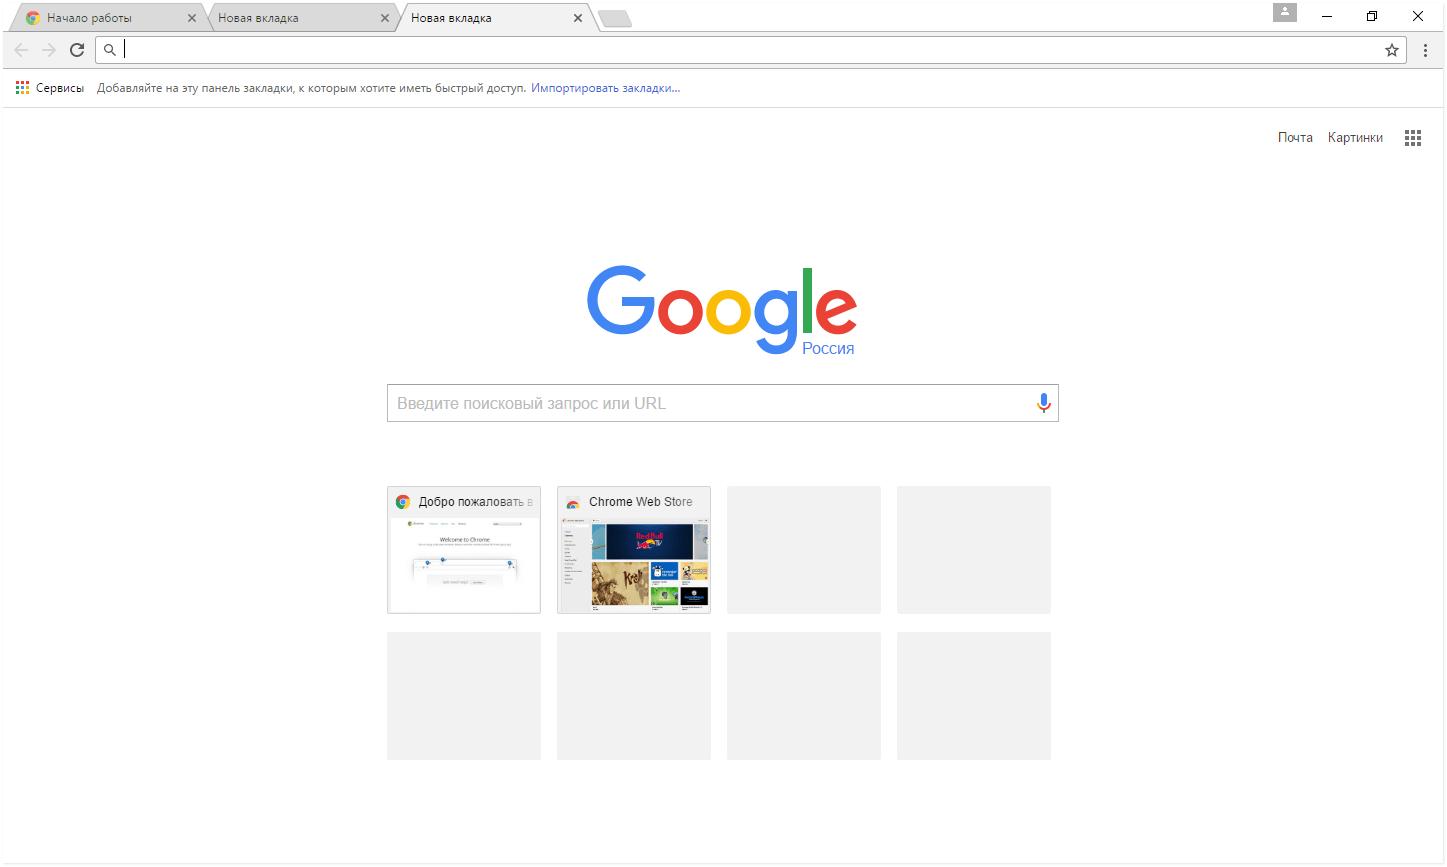 Обзор основных браузеров для Интернета - подборка от Soft-click.ru